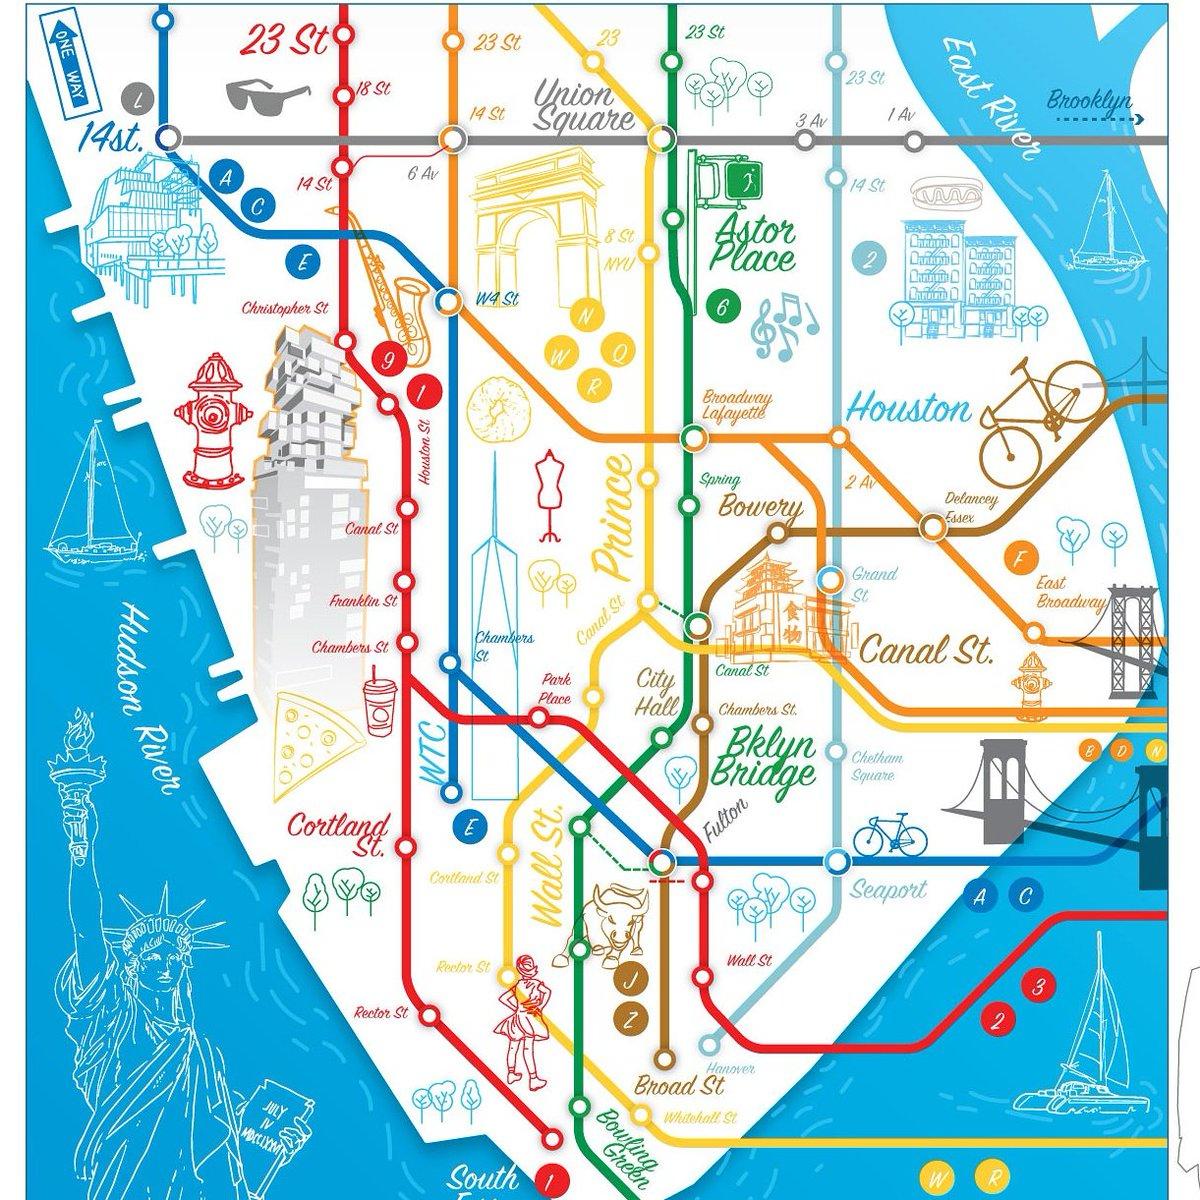 The World Metro Wwmetro Twitter - Nyc map soho